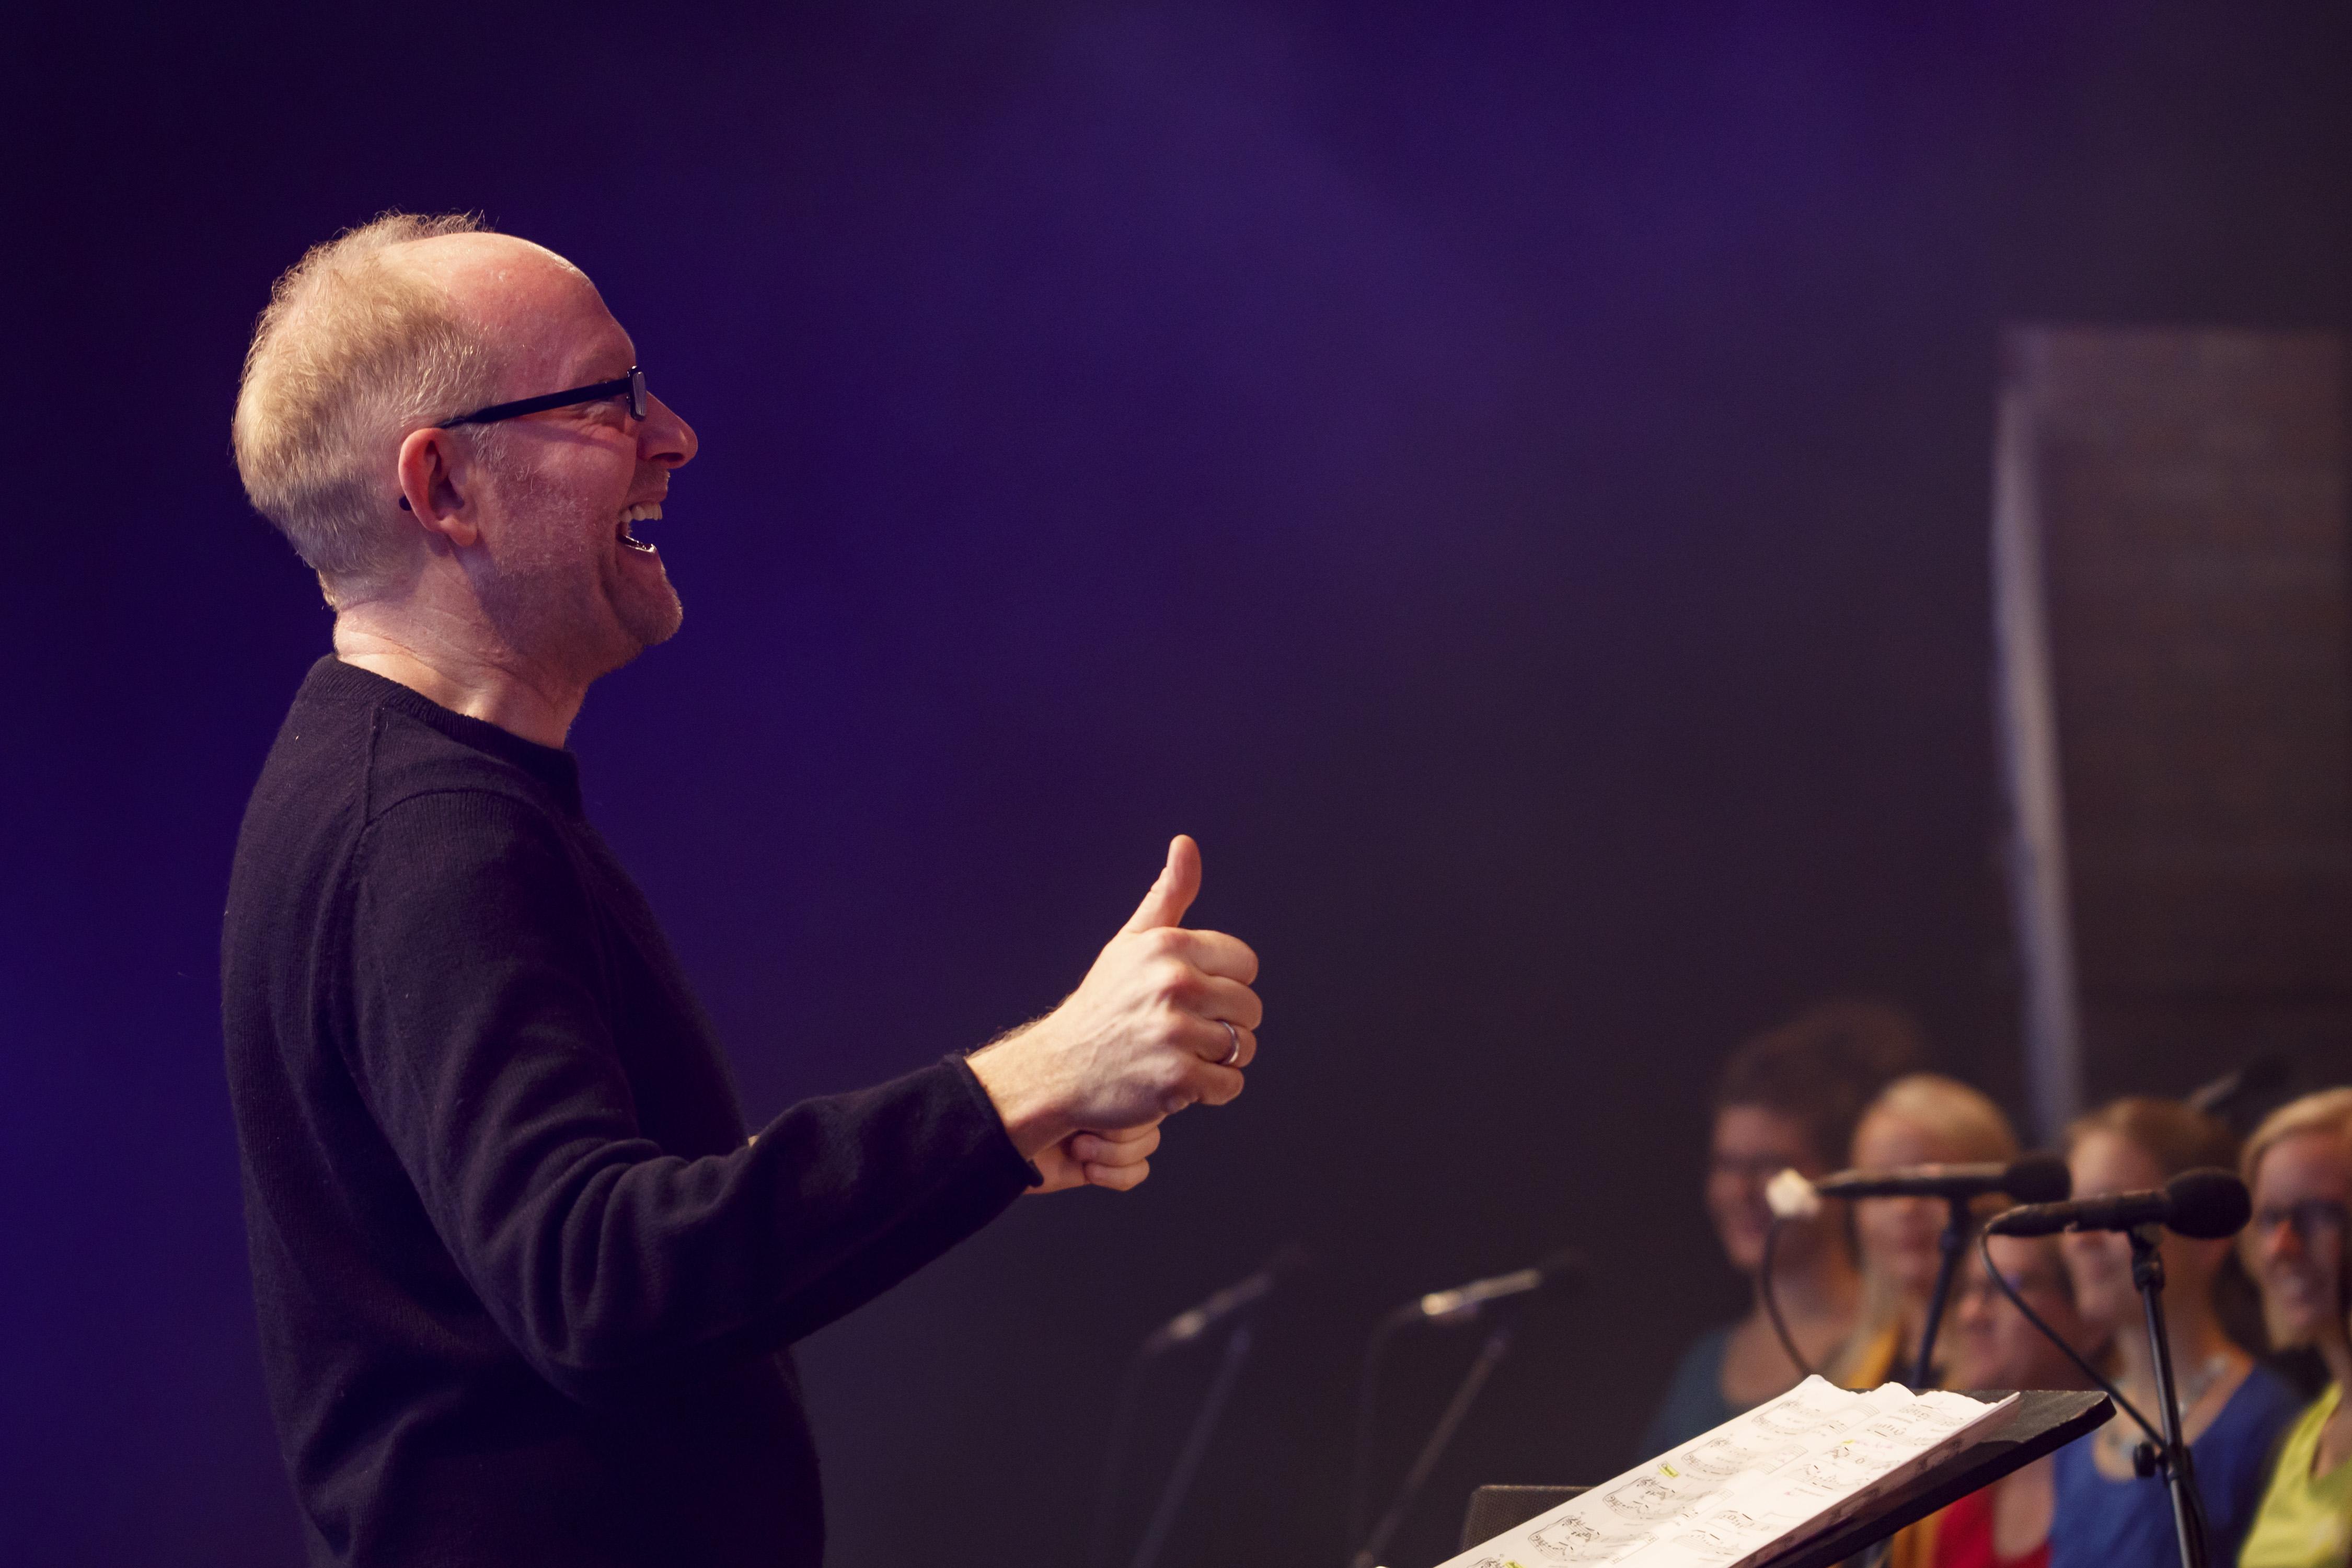 """<span>Rotkäppchen Nacht der Chöre</span> """"Mich stört zunehmend eine Verflachung der Musik"""" Musikproduzent Dieter Falk im Interview"""